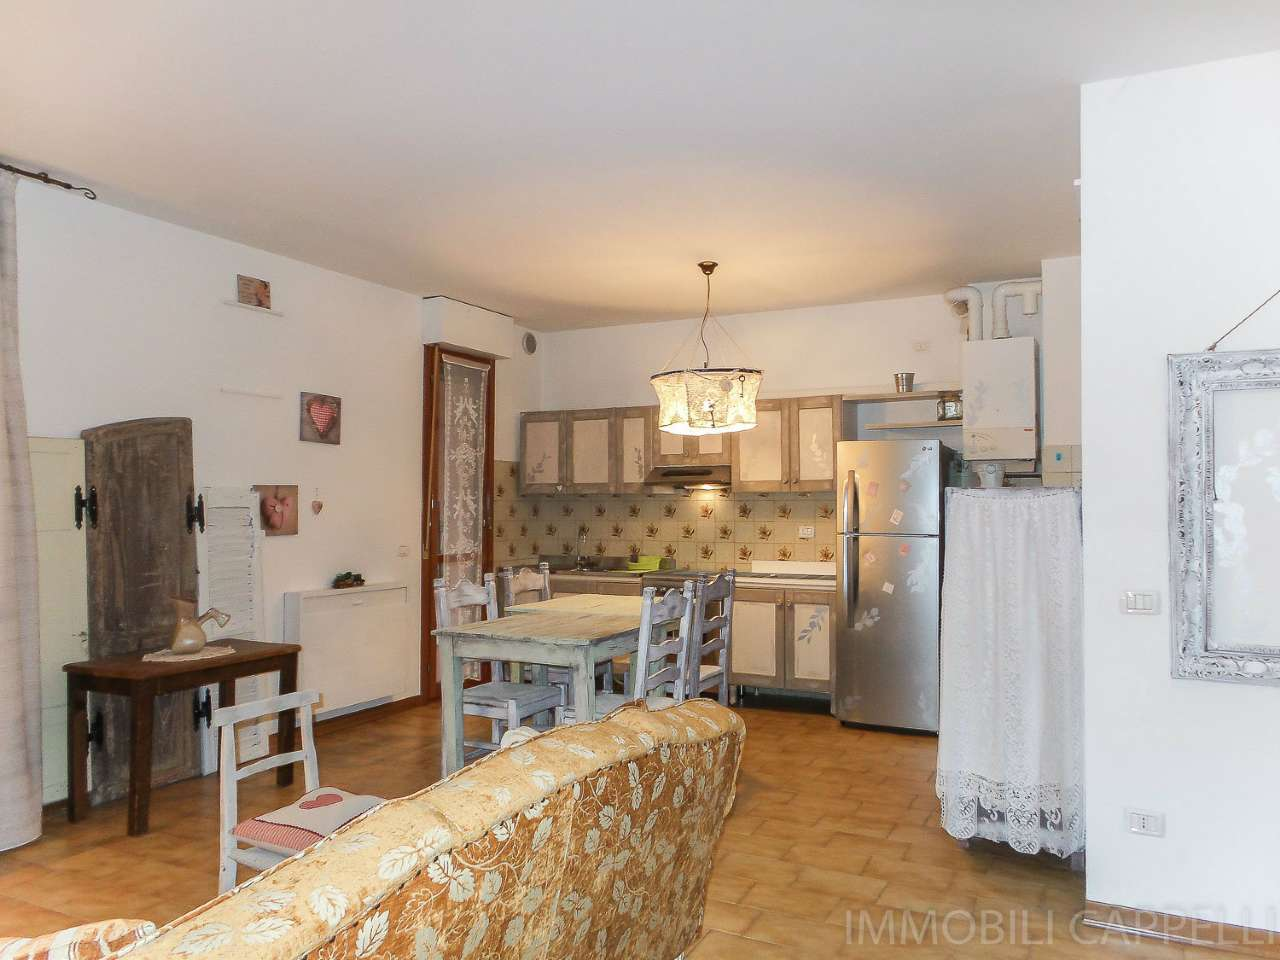 Appartamento in vendita a Cesena, 4 locali, prezzo € 250.000 | CambioCasa.it